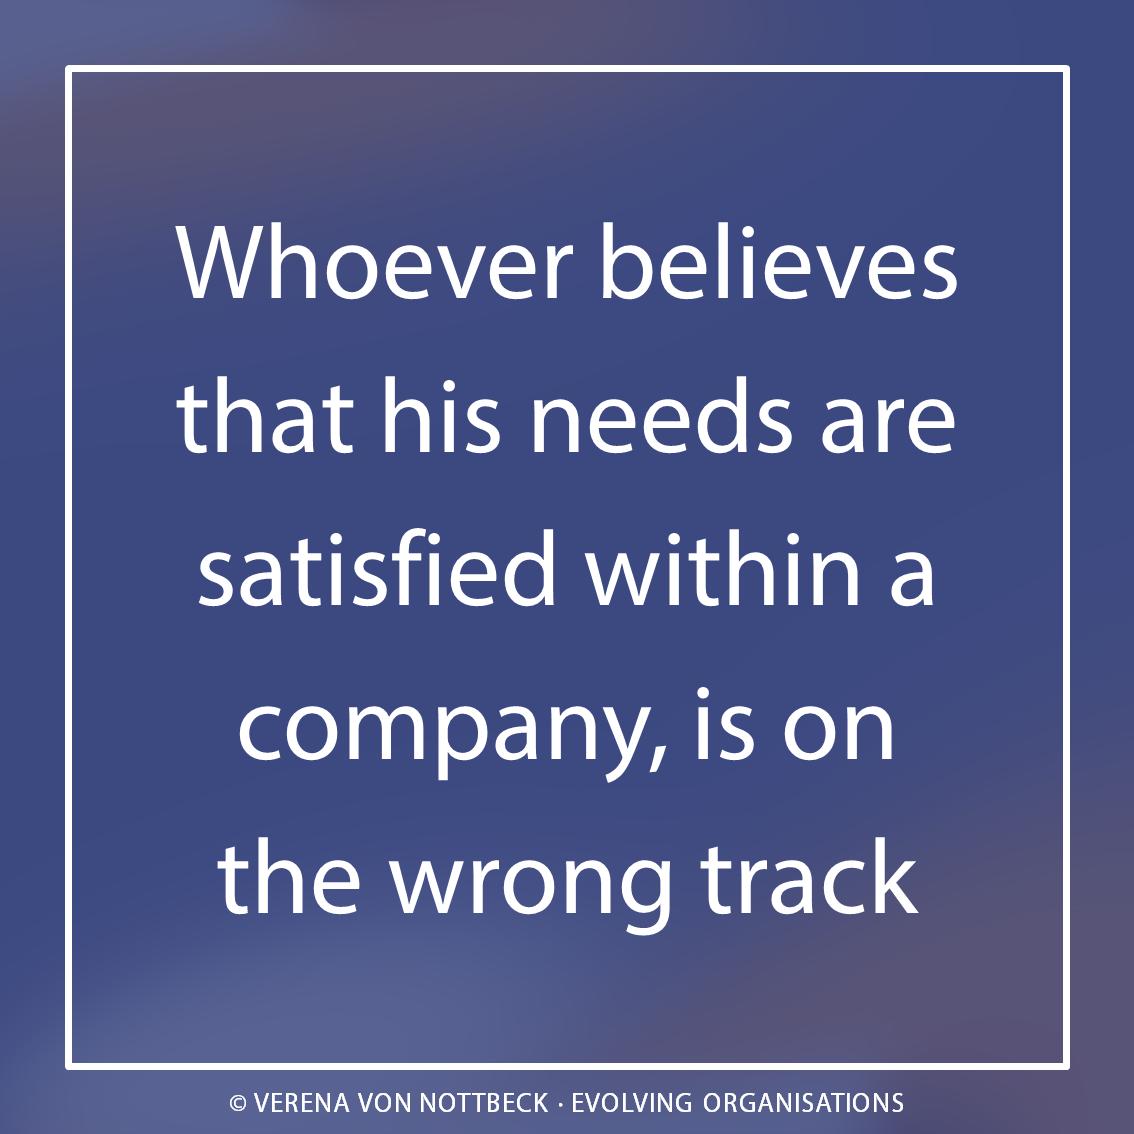 Wer glaubt, dass seine Bedürfnisse in einem Unternehmen befriedigt werden, ist auf dem Holzweg.